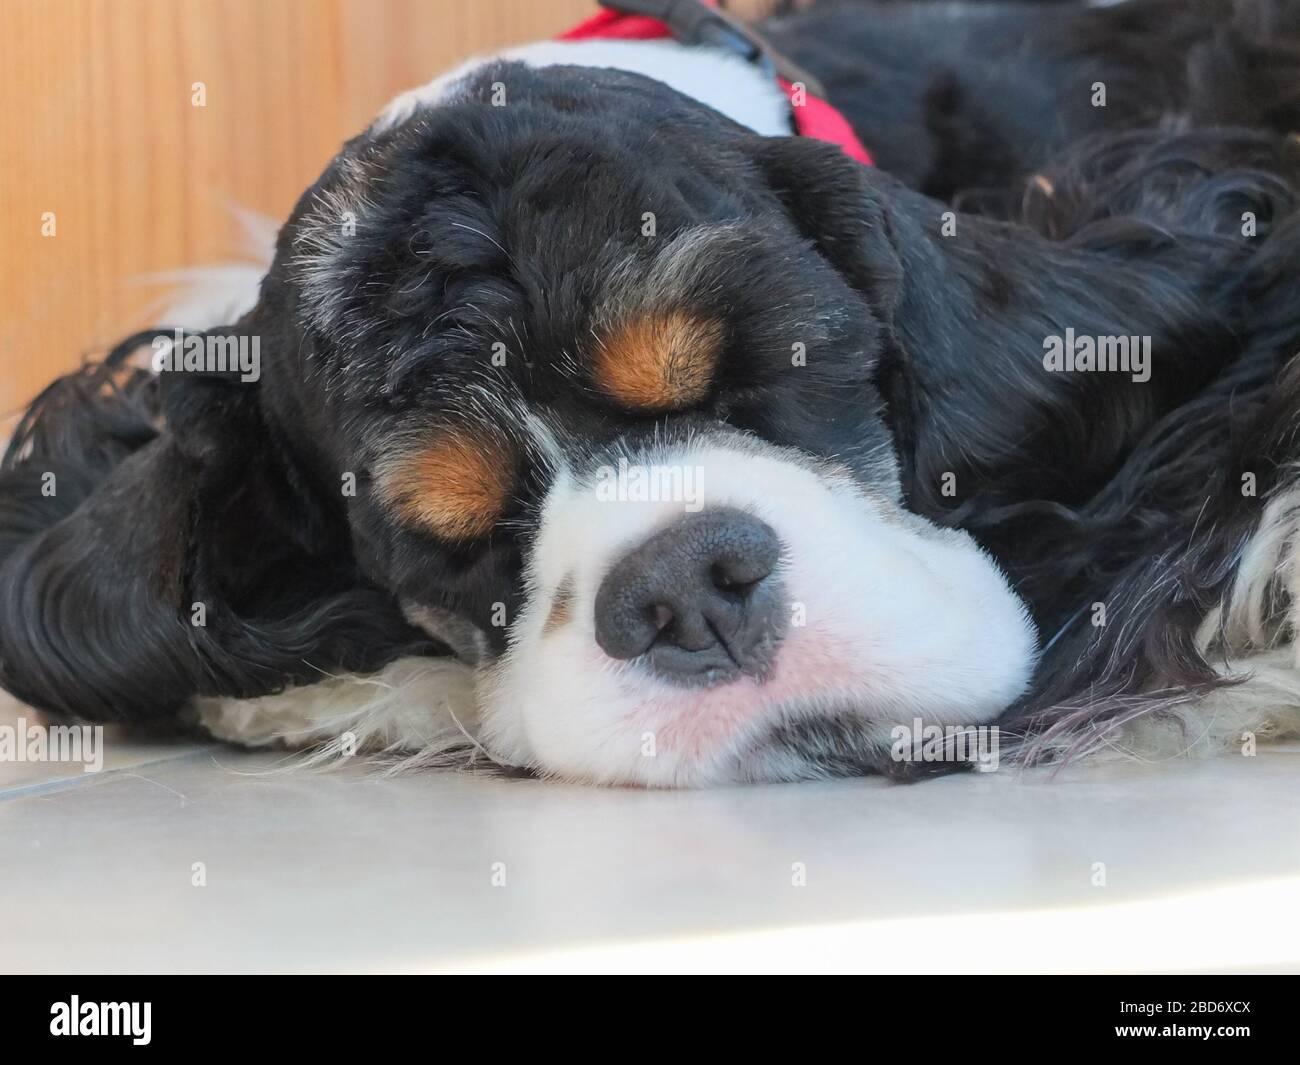 Black Cocker Spaniel Puppy Fotos E Imagenes De Stock Pagina 5 Alamy